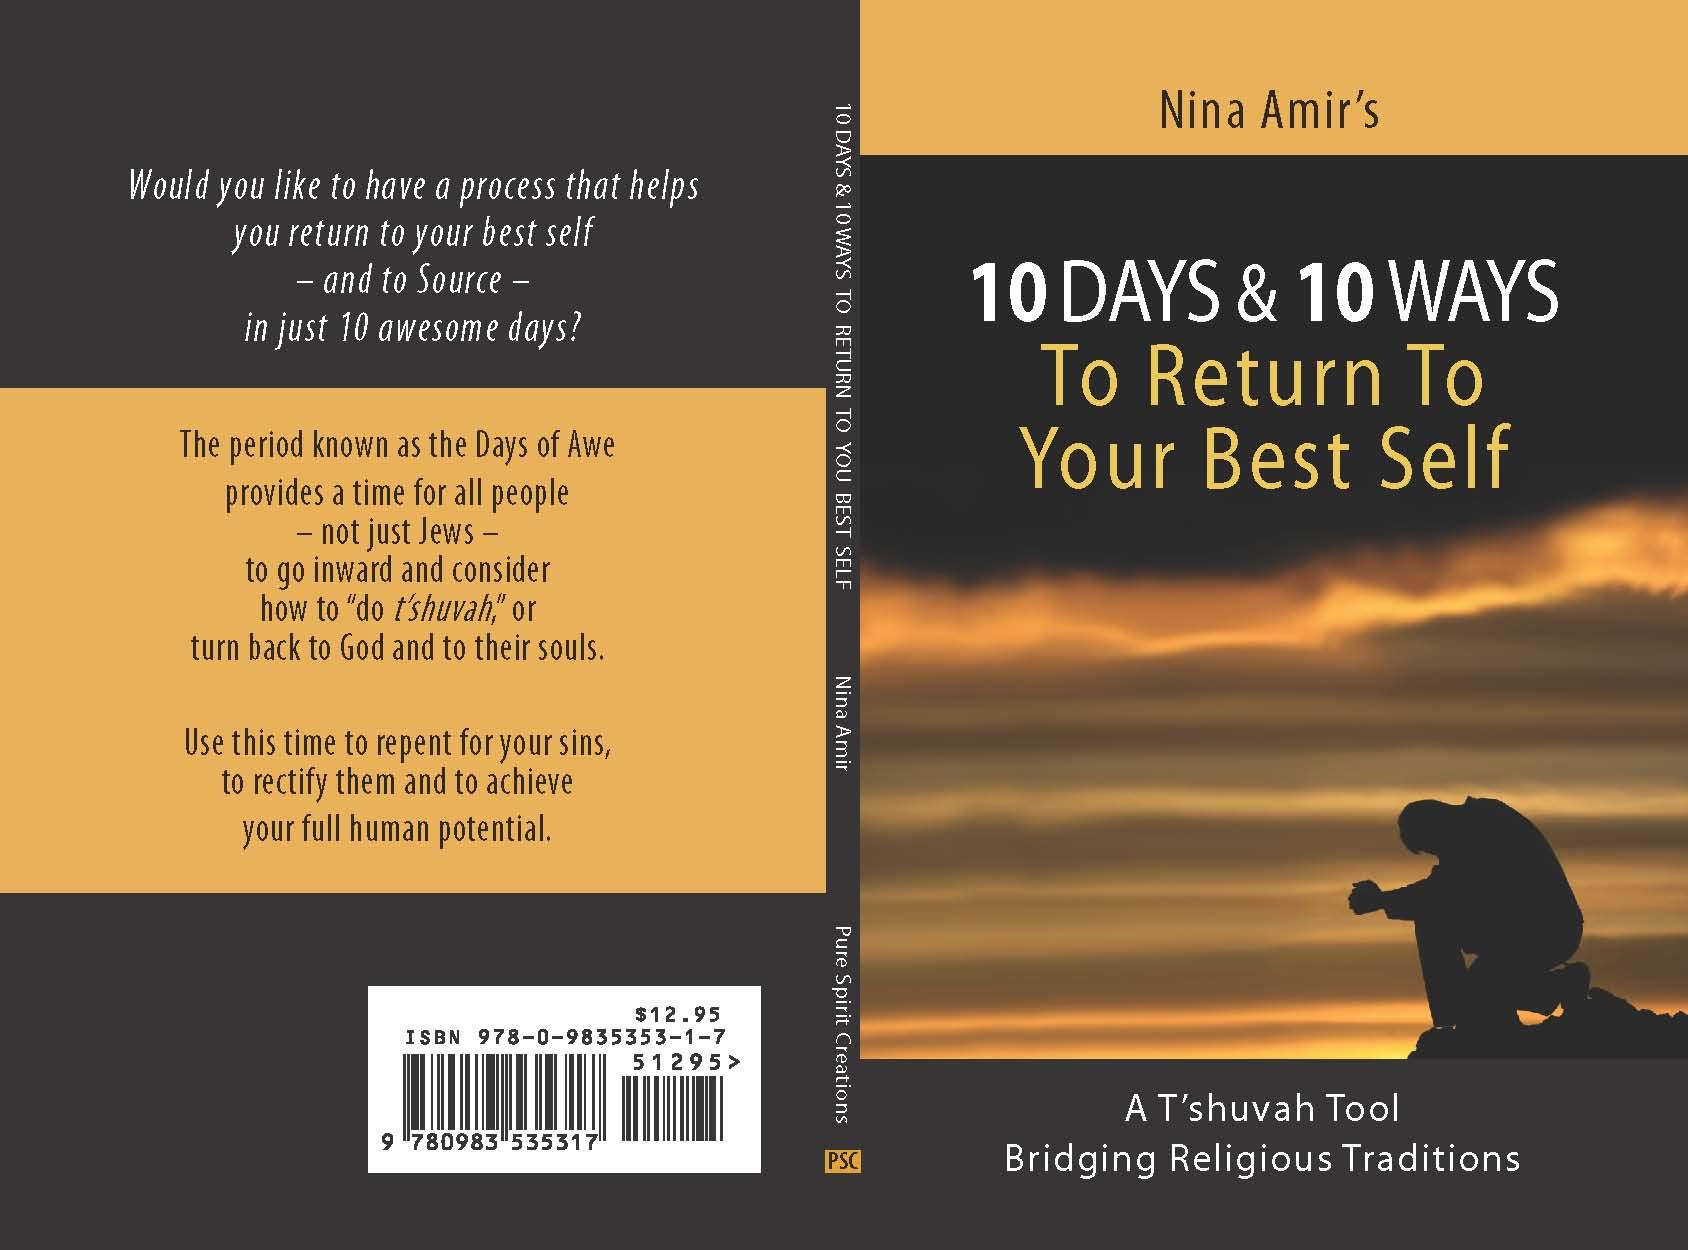 10 Days Cover Final Final JPG